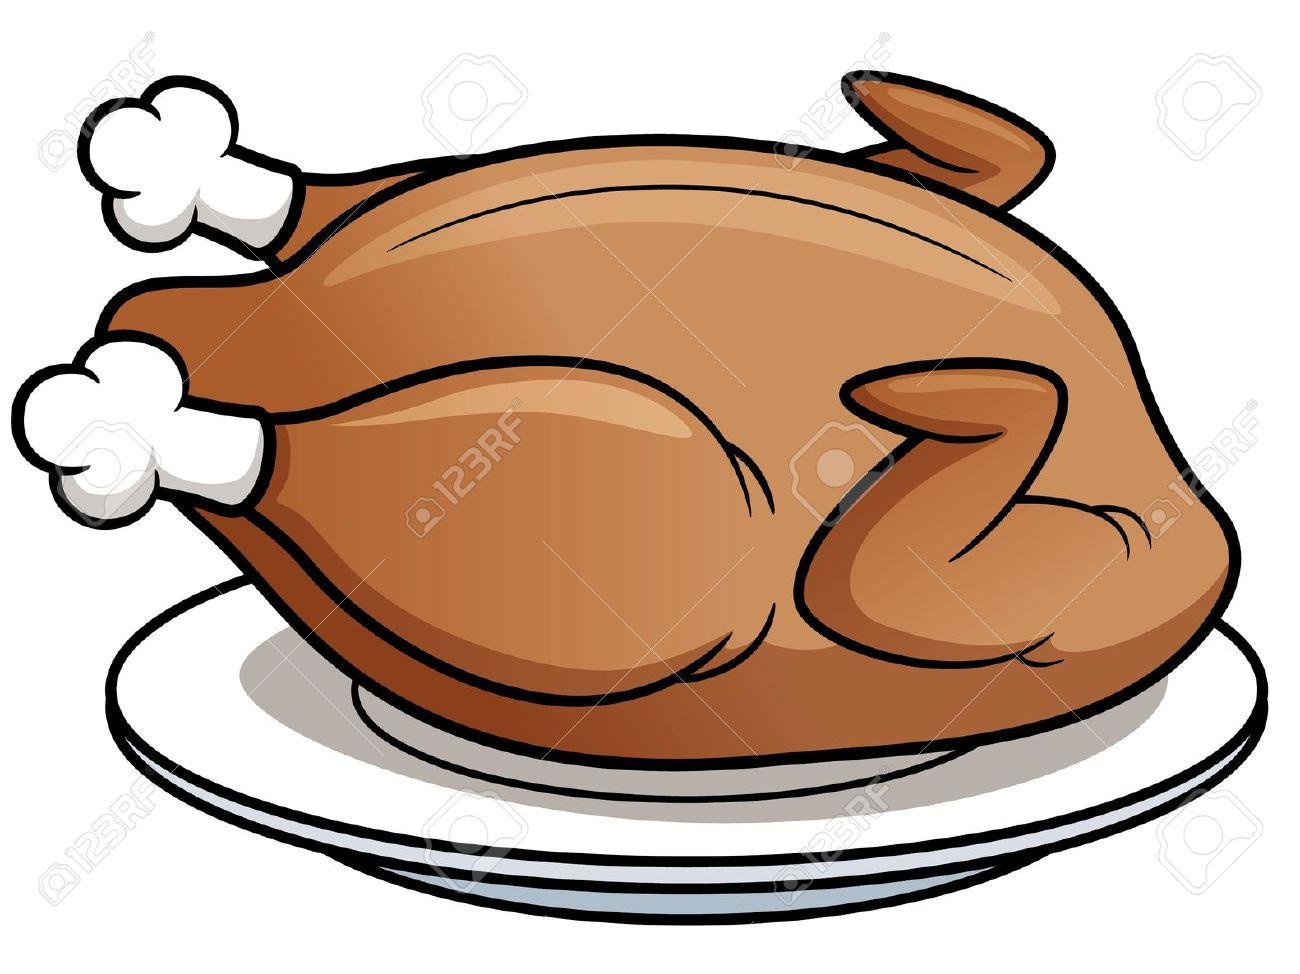 1300x974 Legz Clipart Bbq Chicken